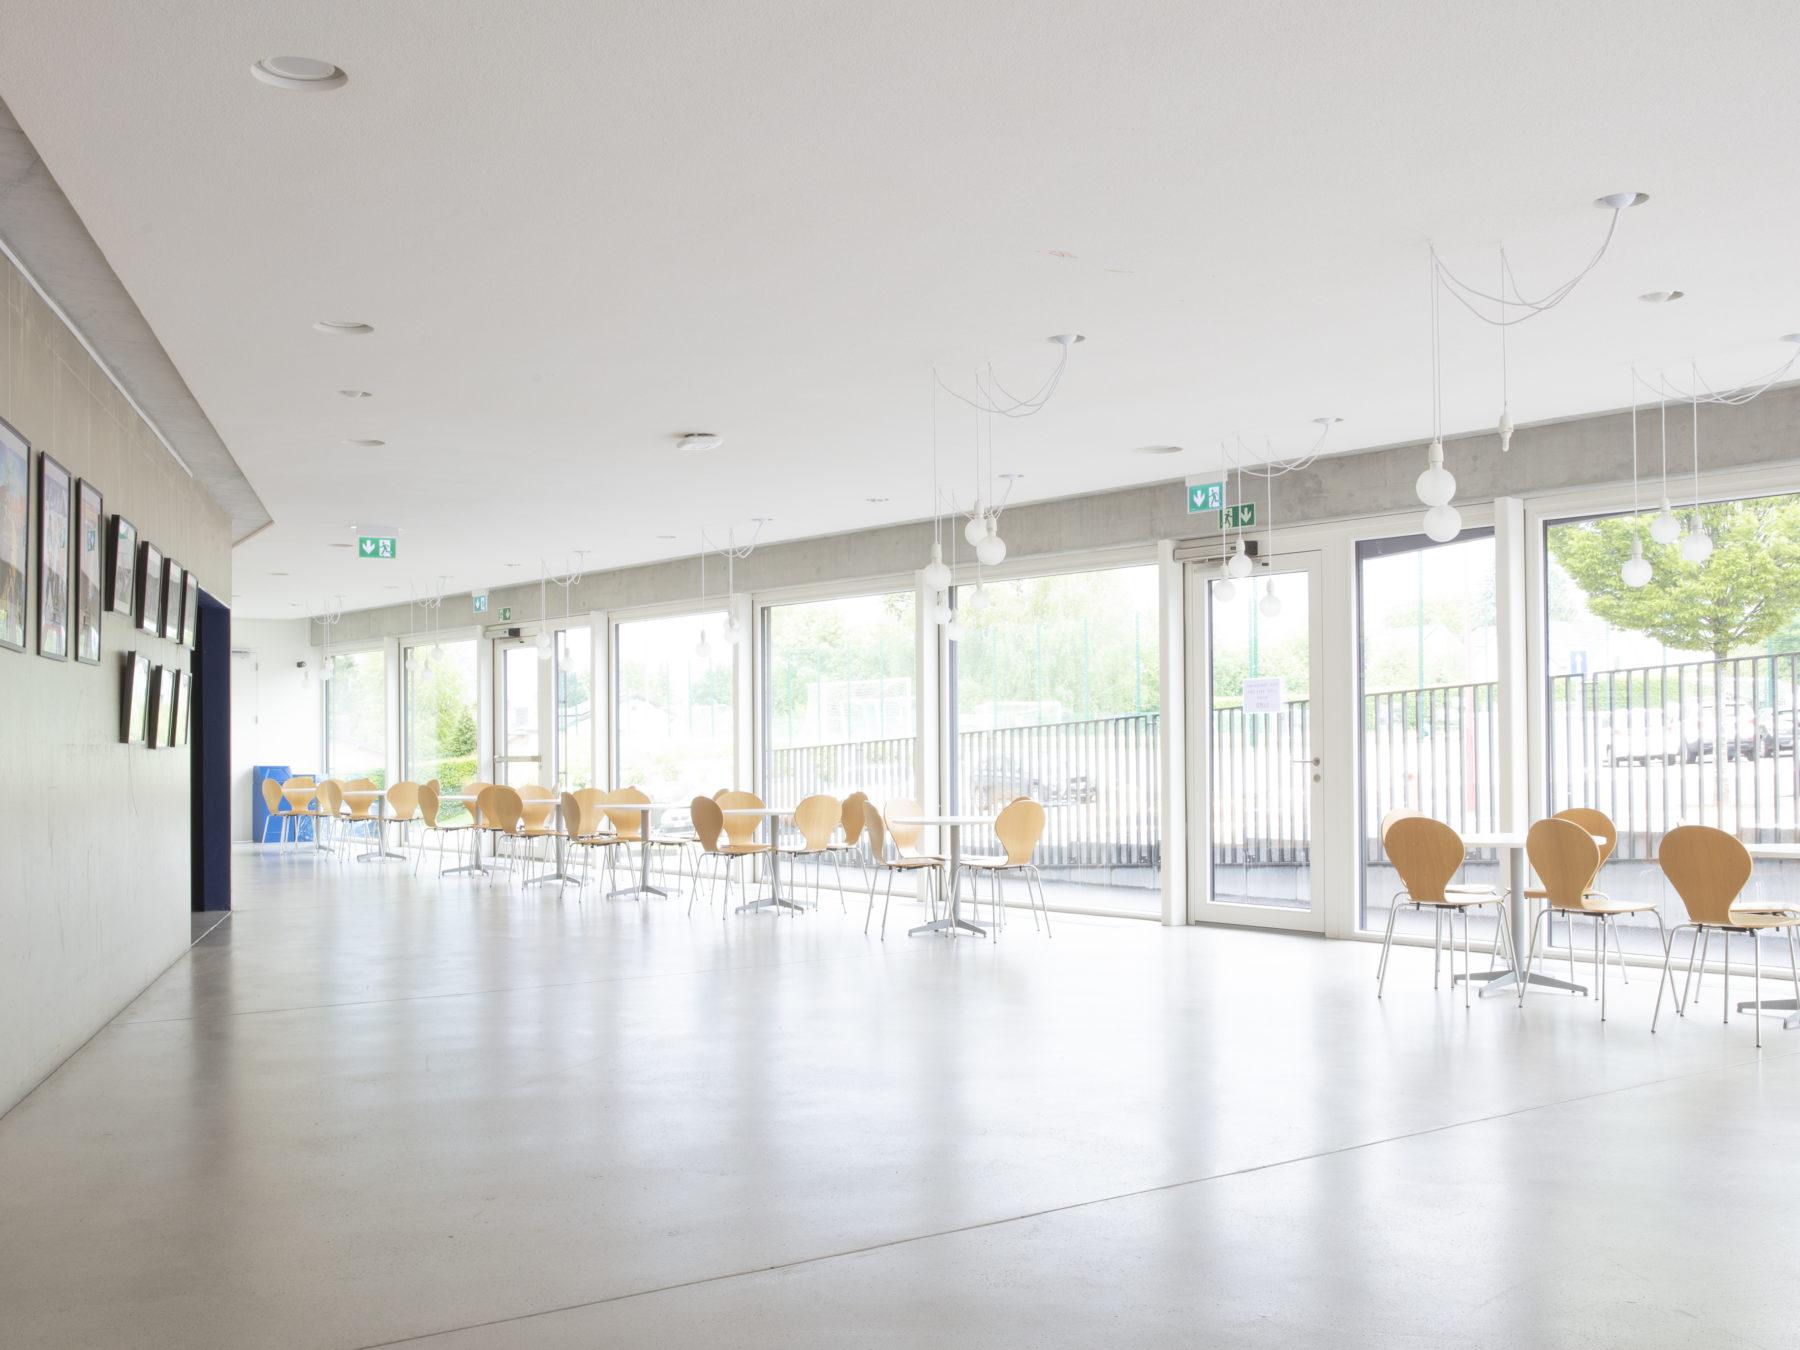 Secondary campus cafeteria